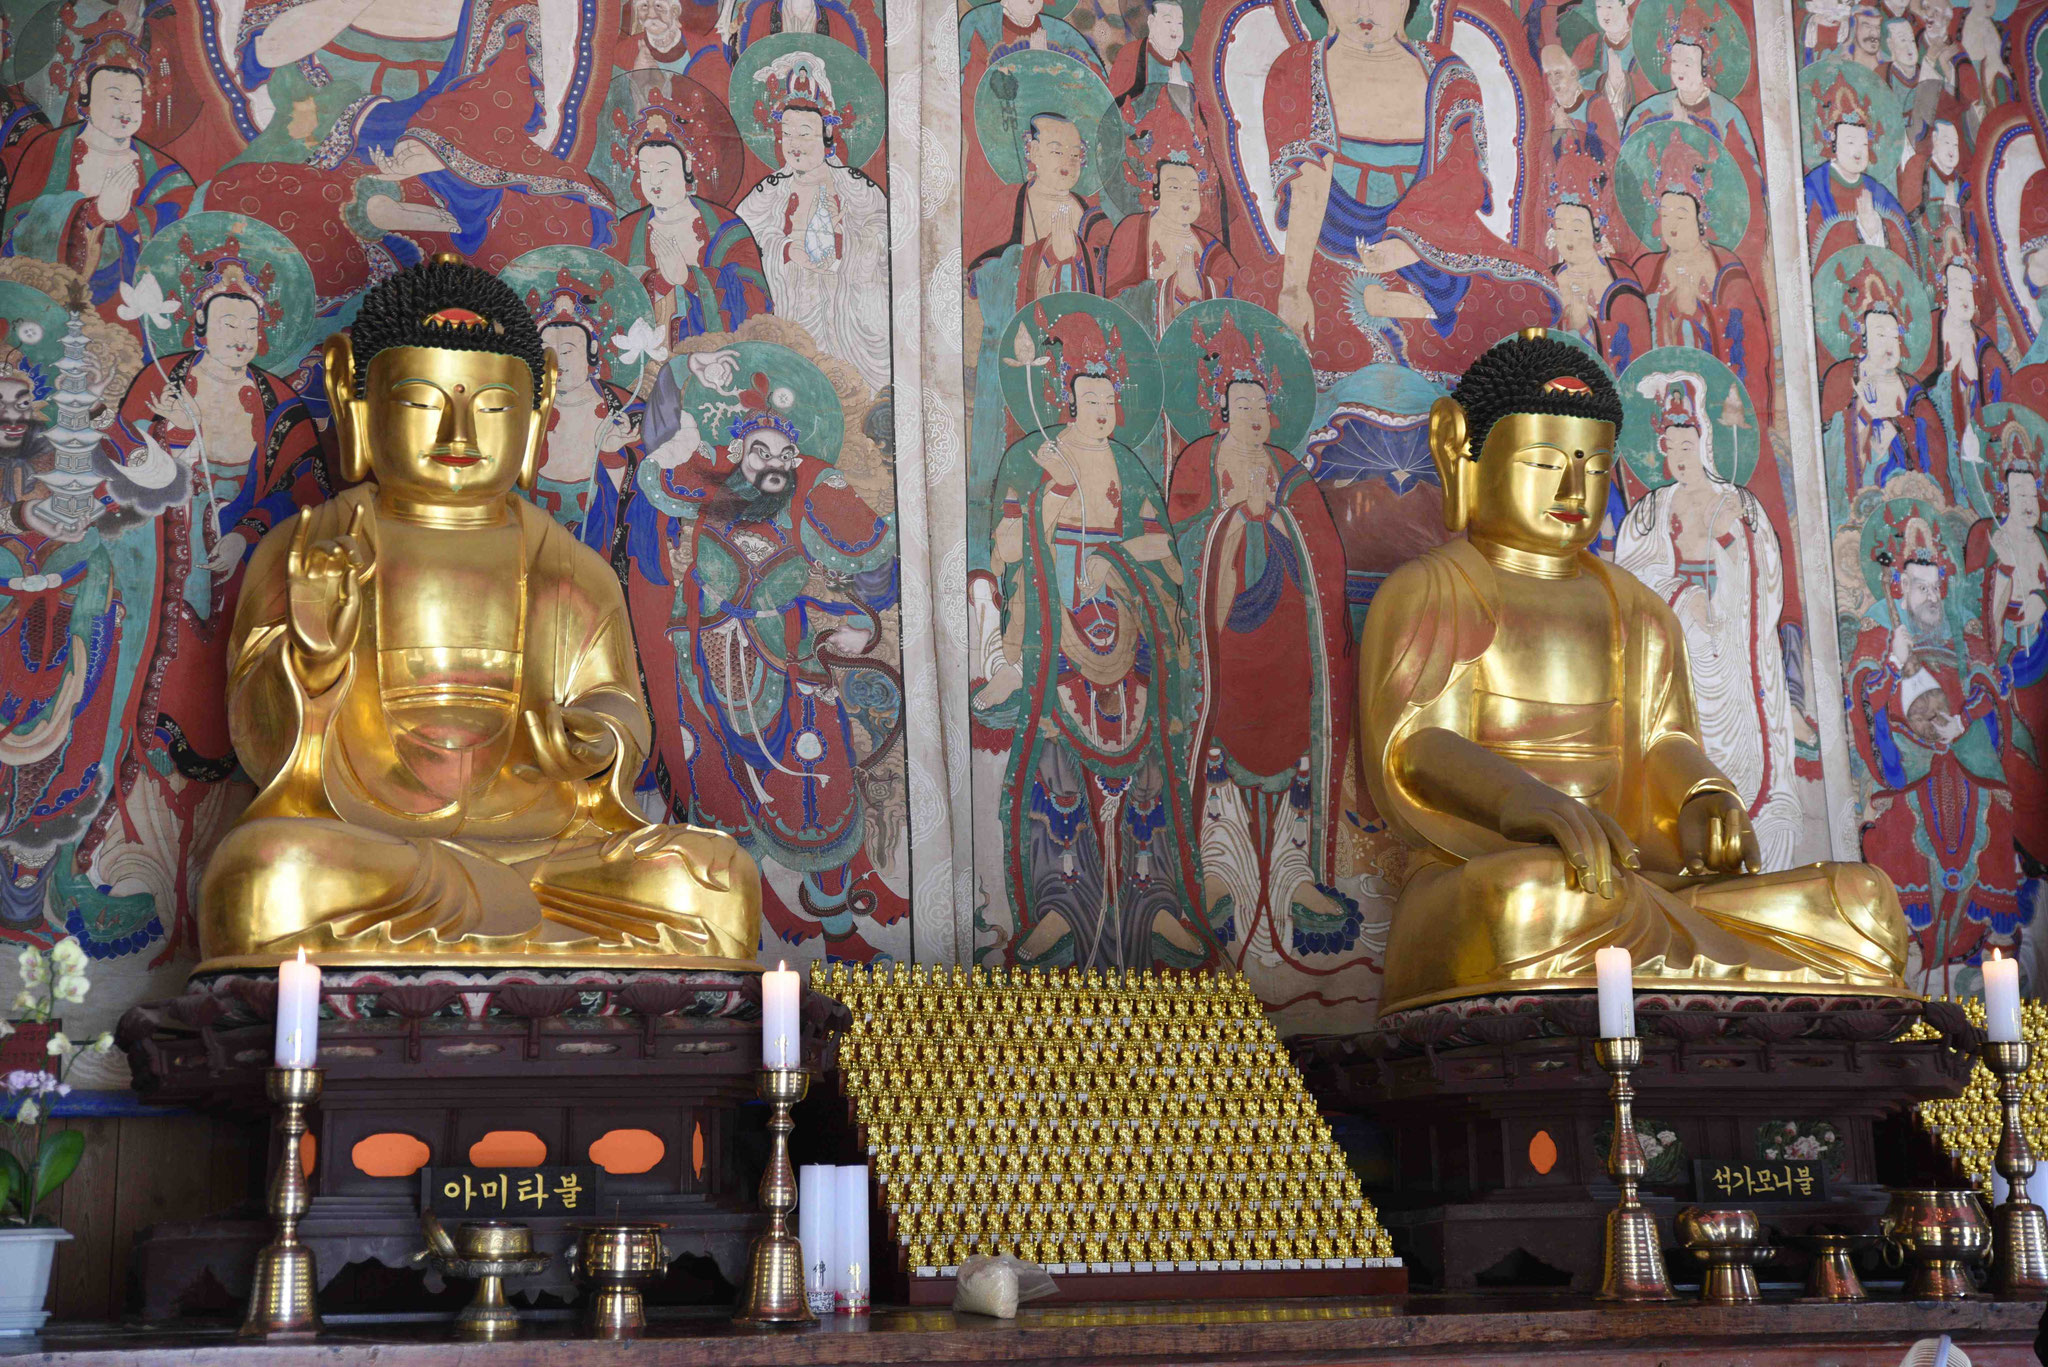 Buddastatuen im Tempel